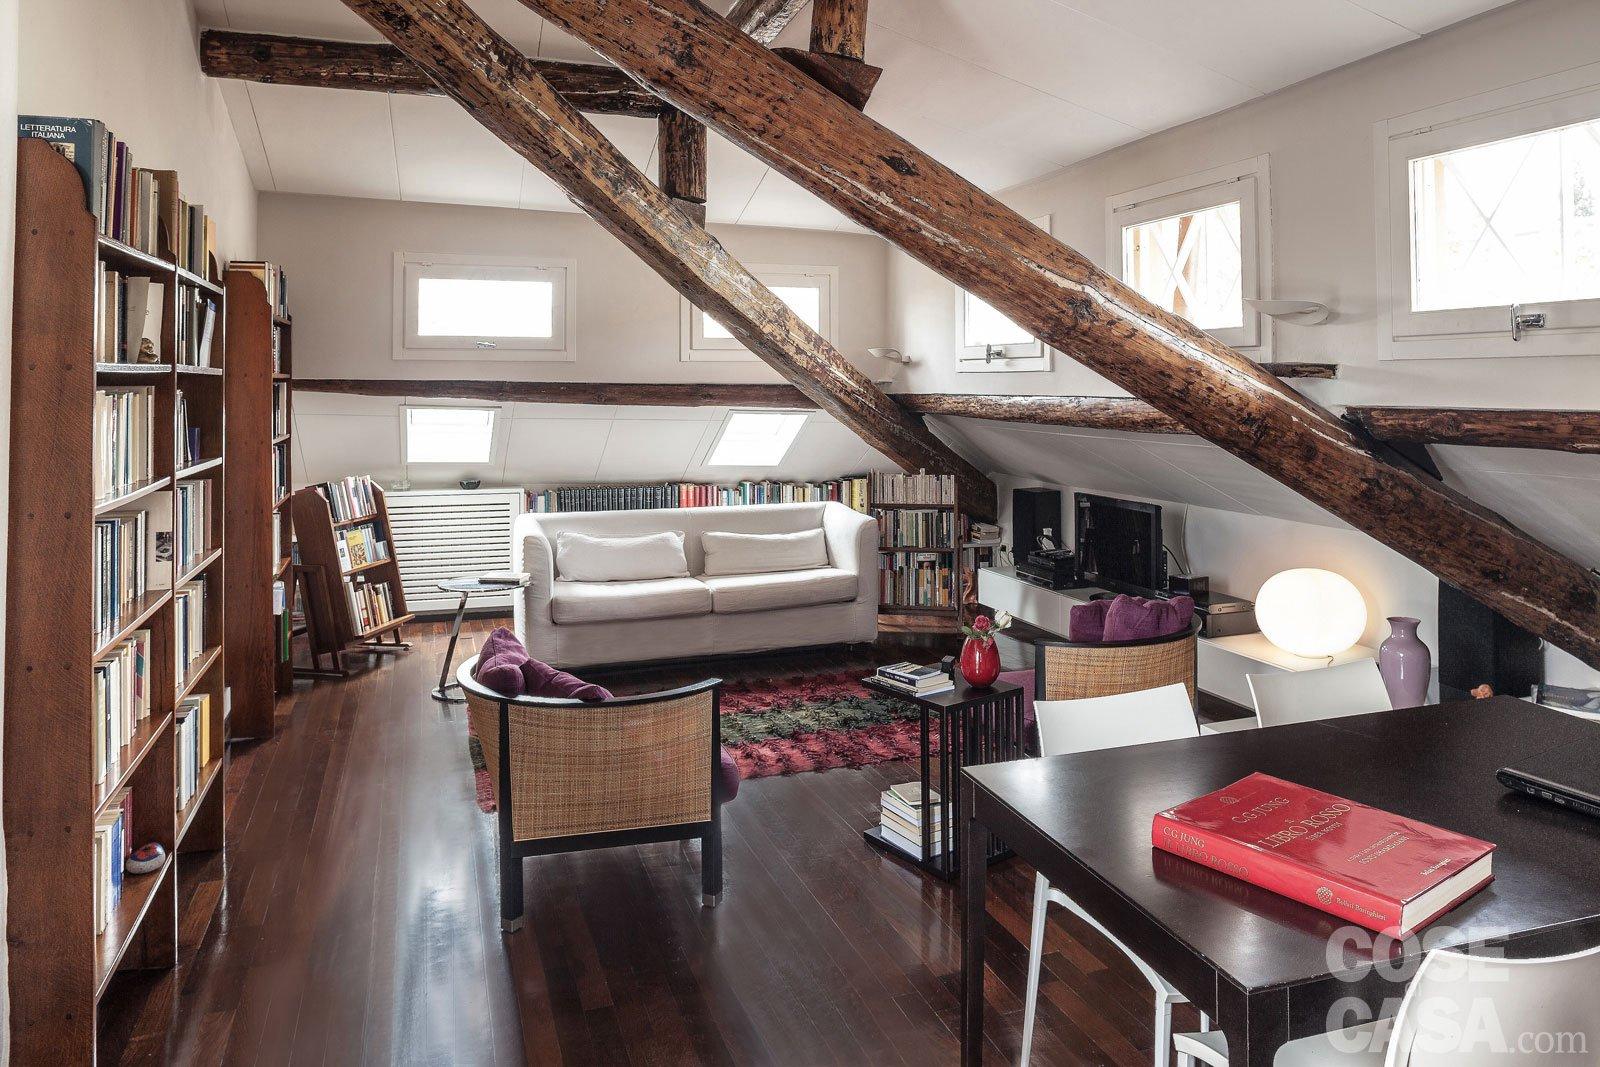 67 mq la mansarda con travi in legno cose di casa for Casa moderna con tetto in legno